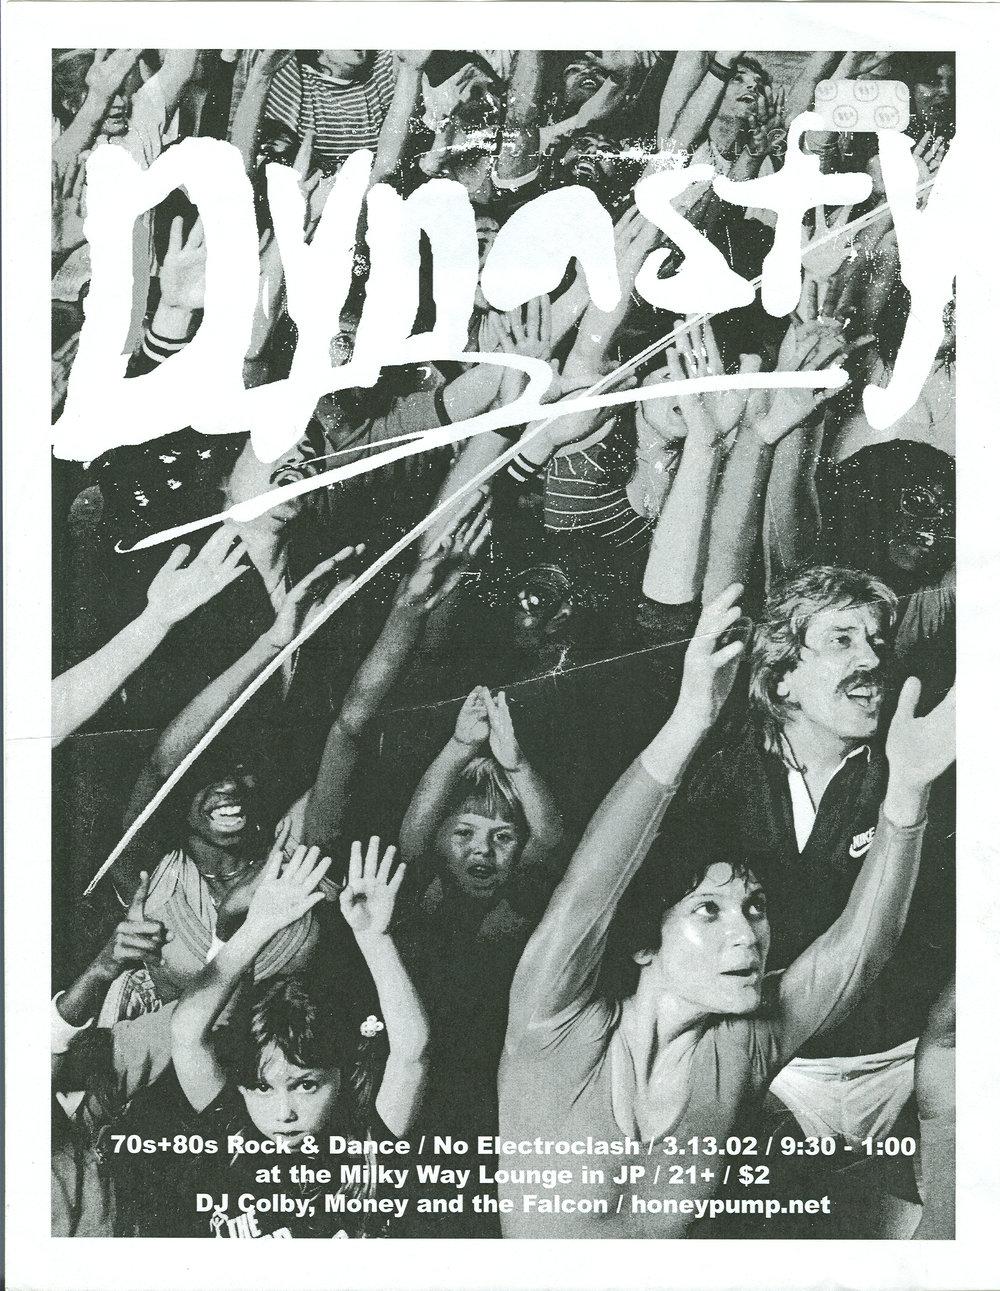 03.13.02-BOSTON-MILKYWAY-DYNASTY-1.jpg